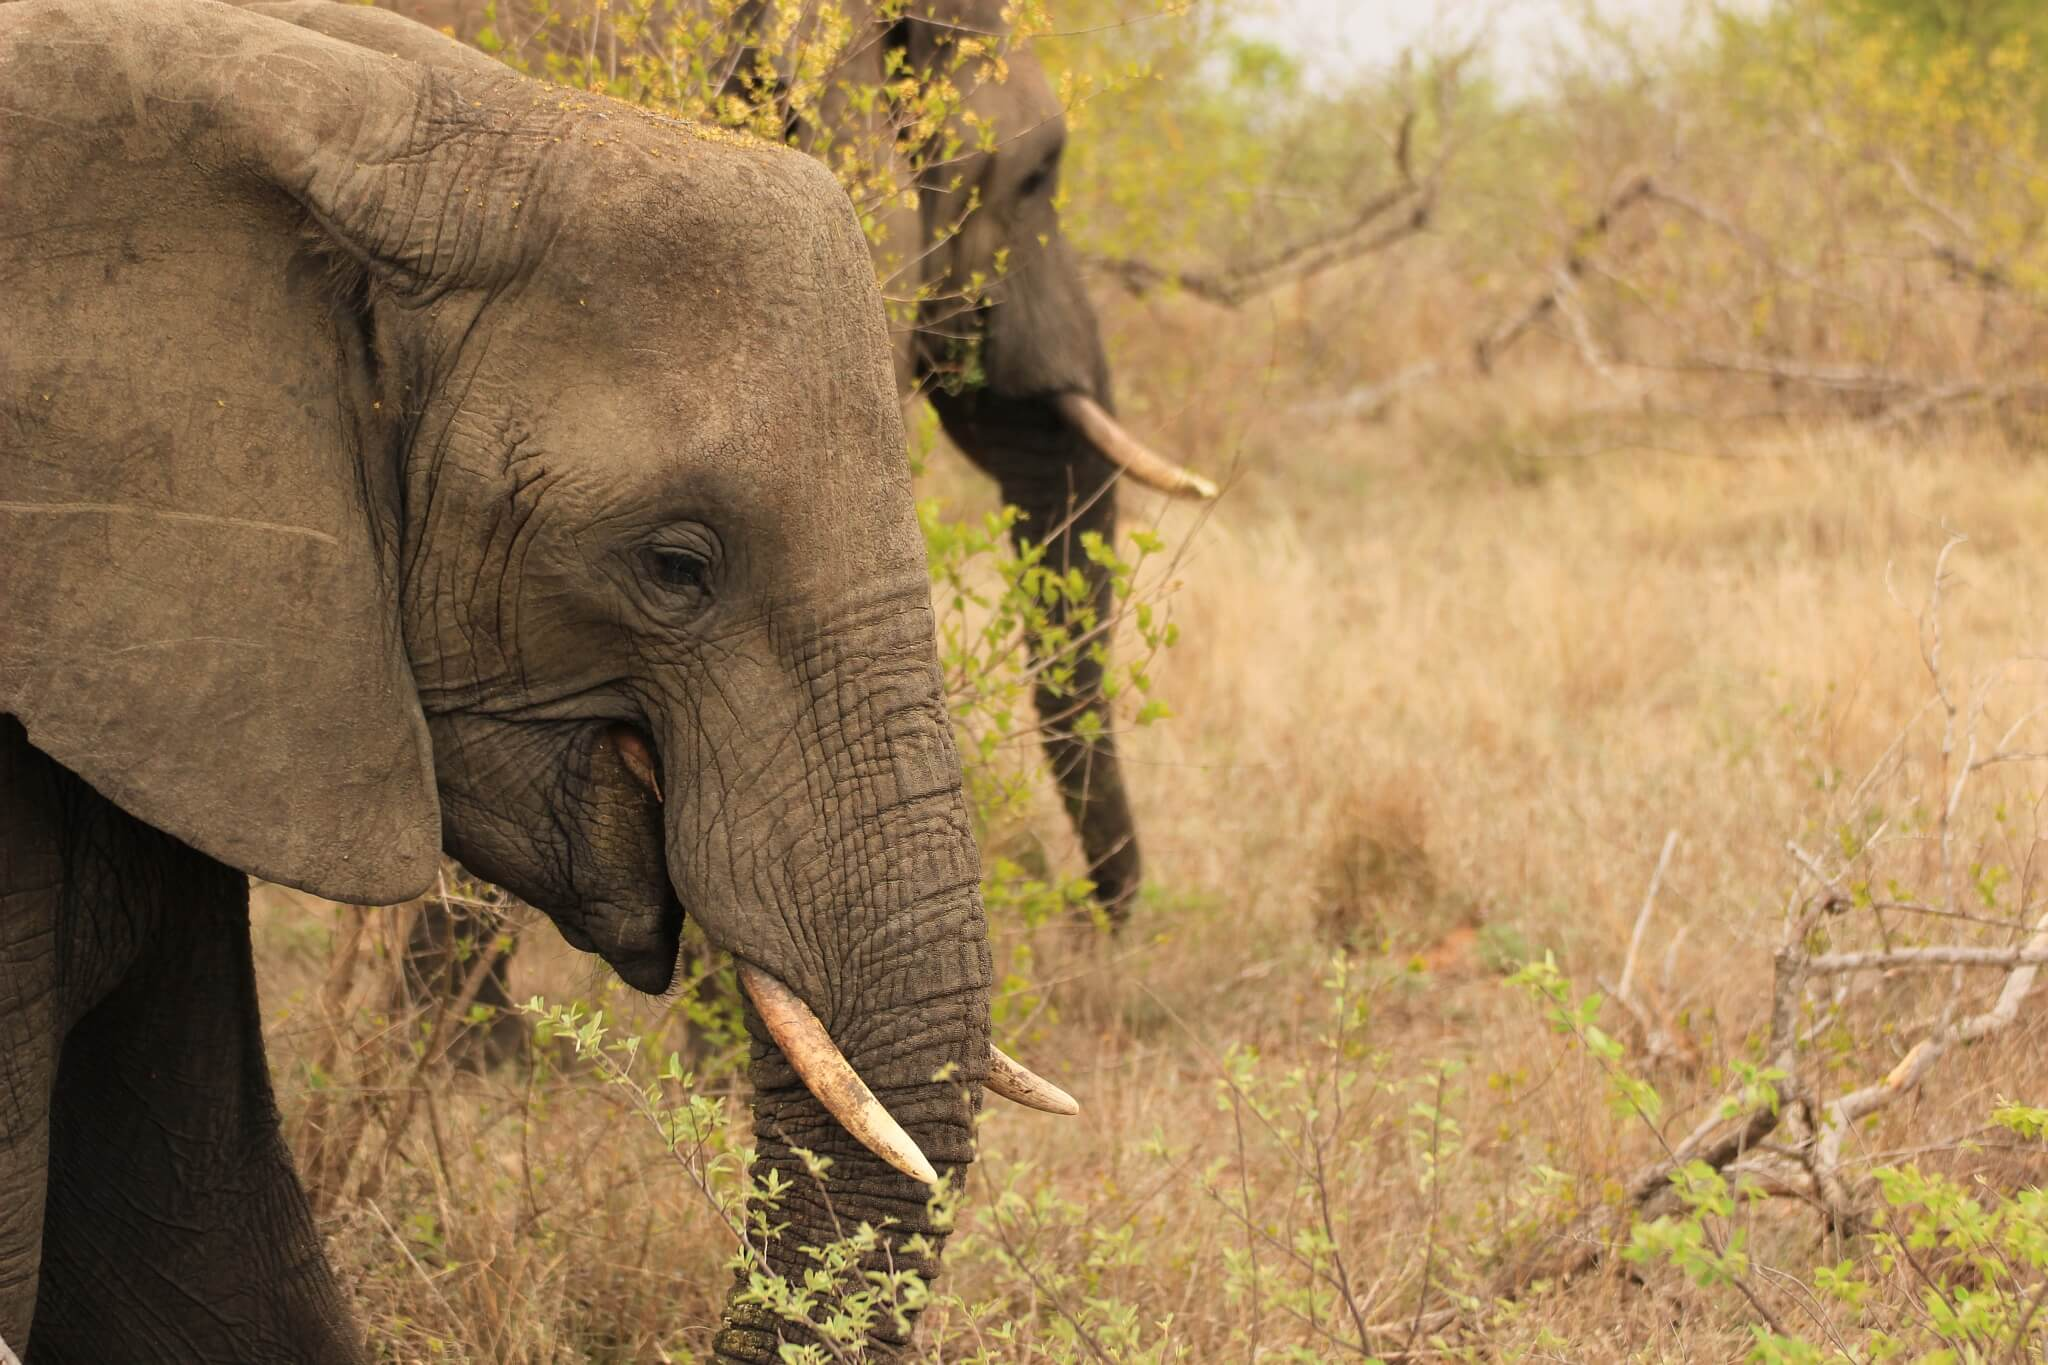 Elefantenbullen in Detailaufnahme